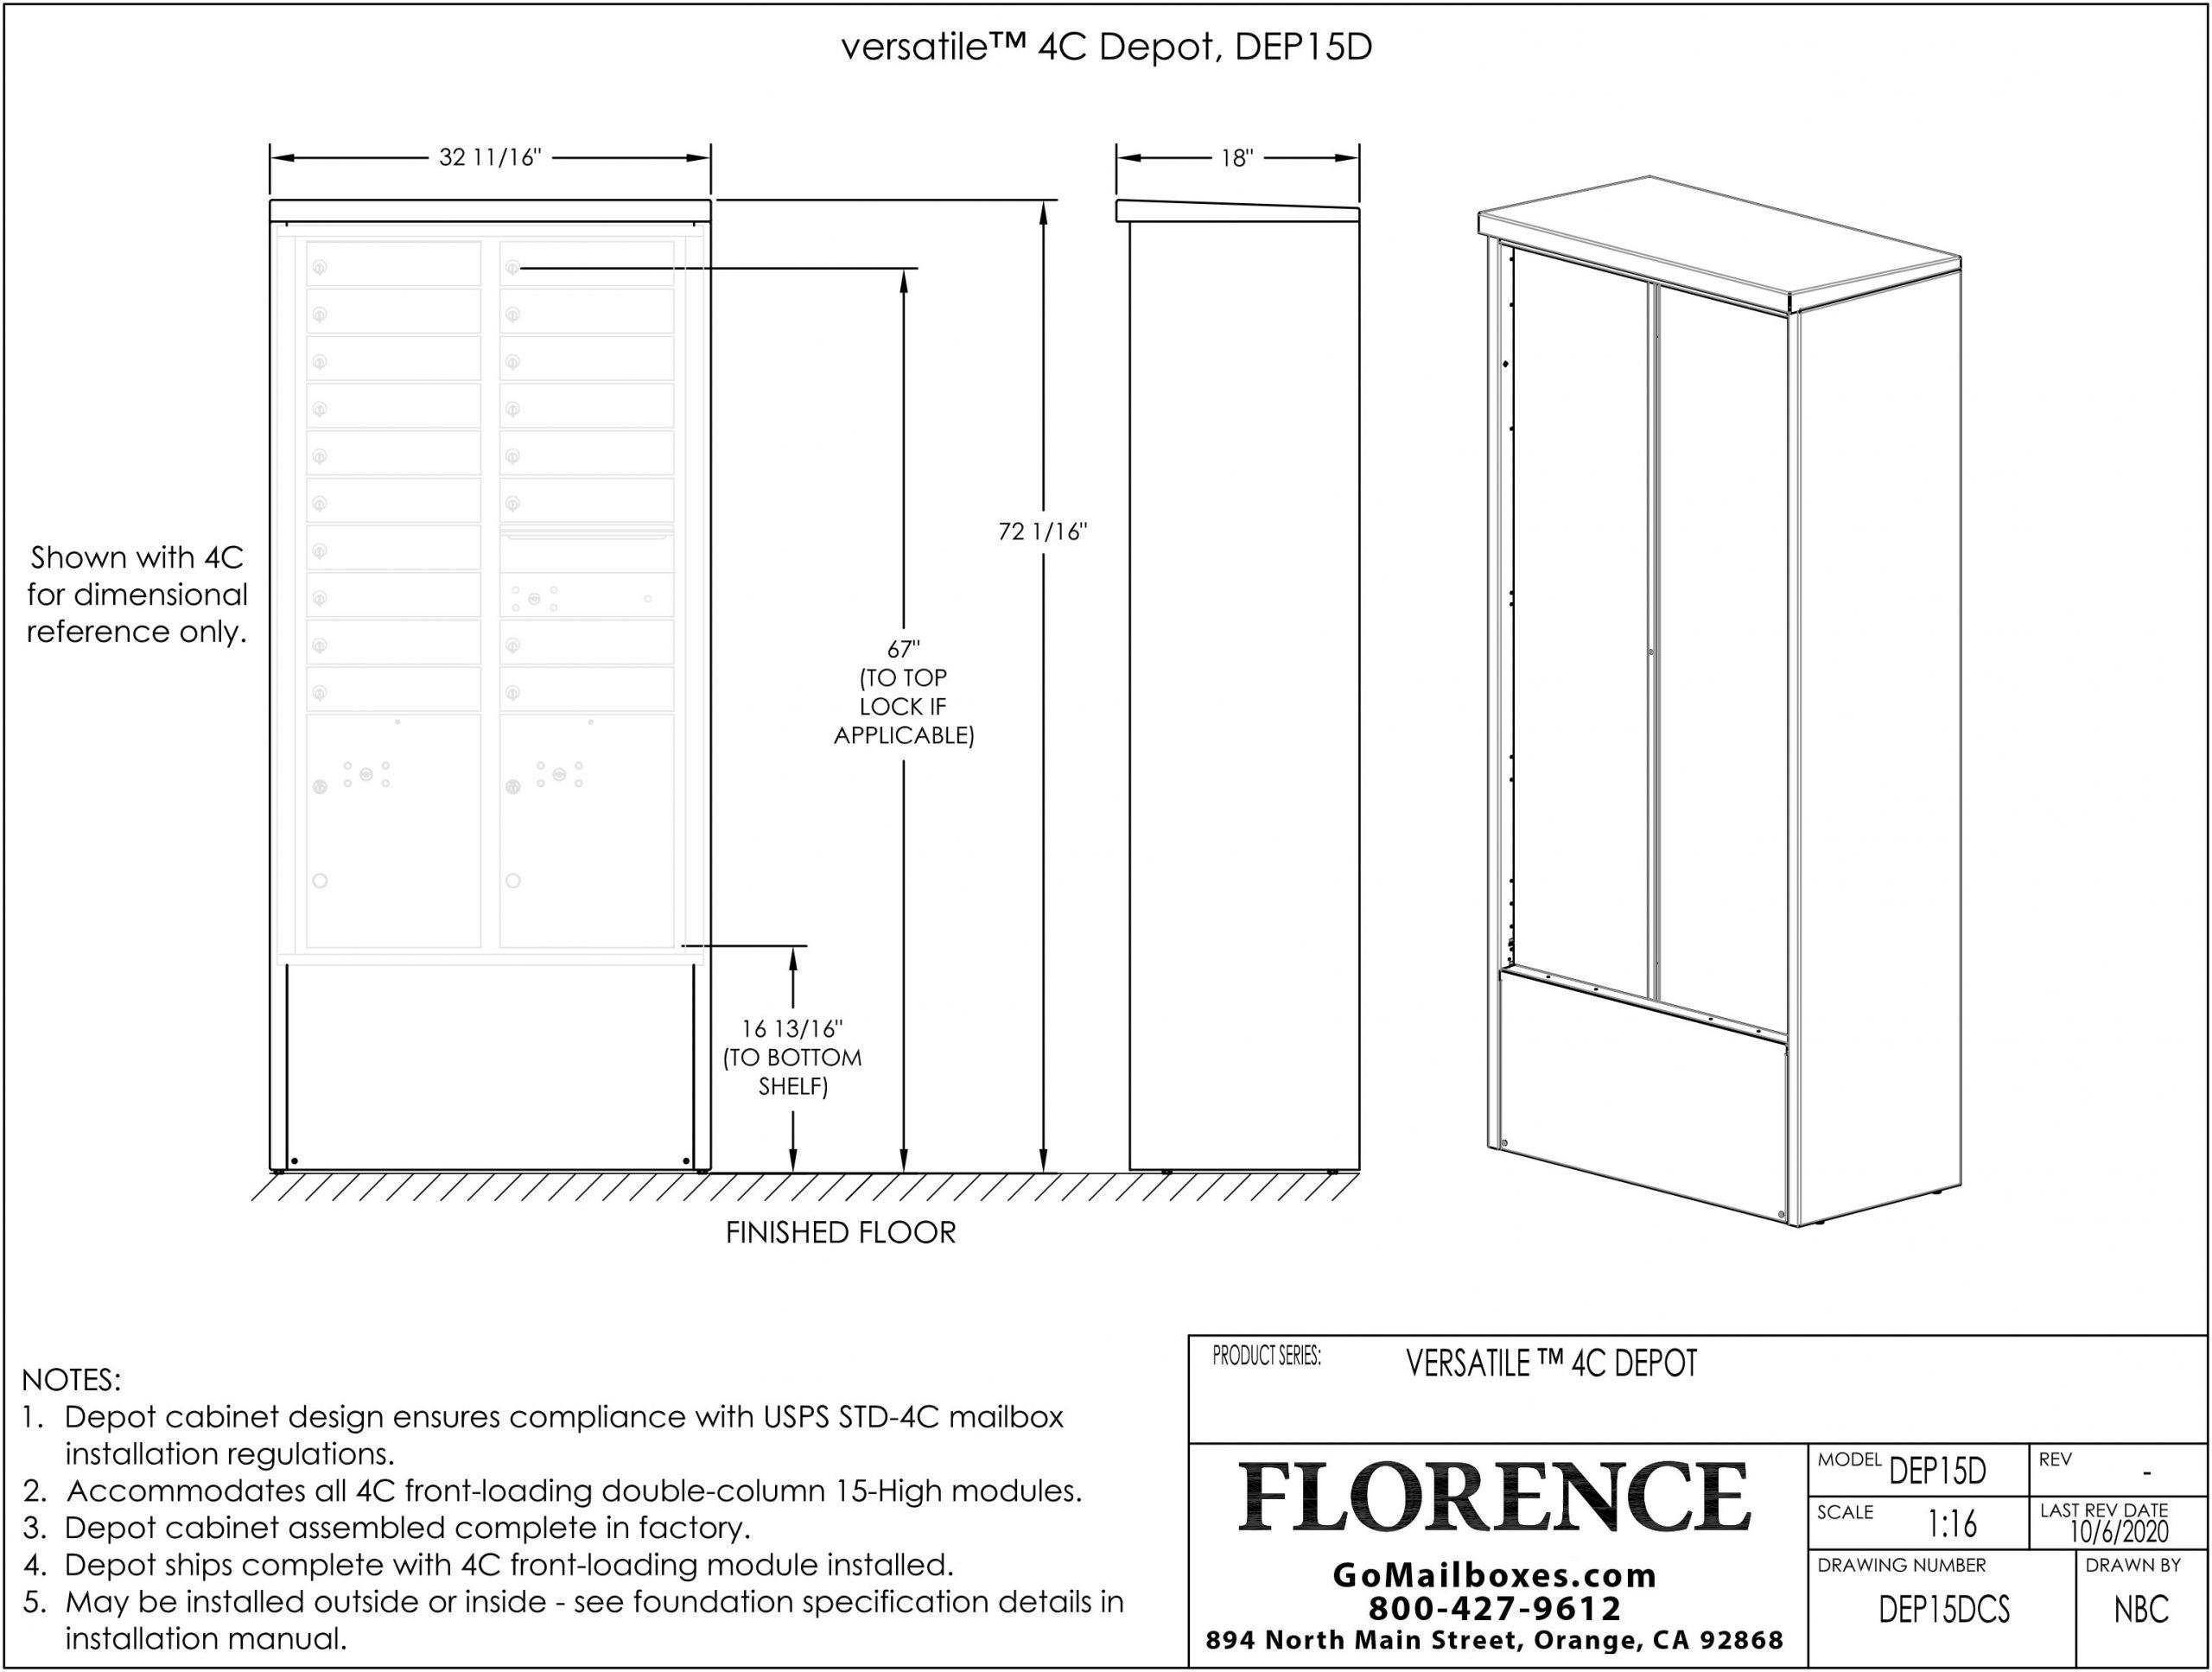 18 Door Depot Cabinet Dimensions